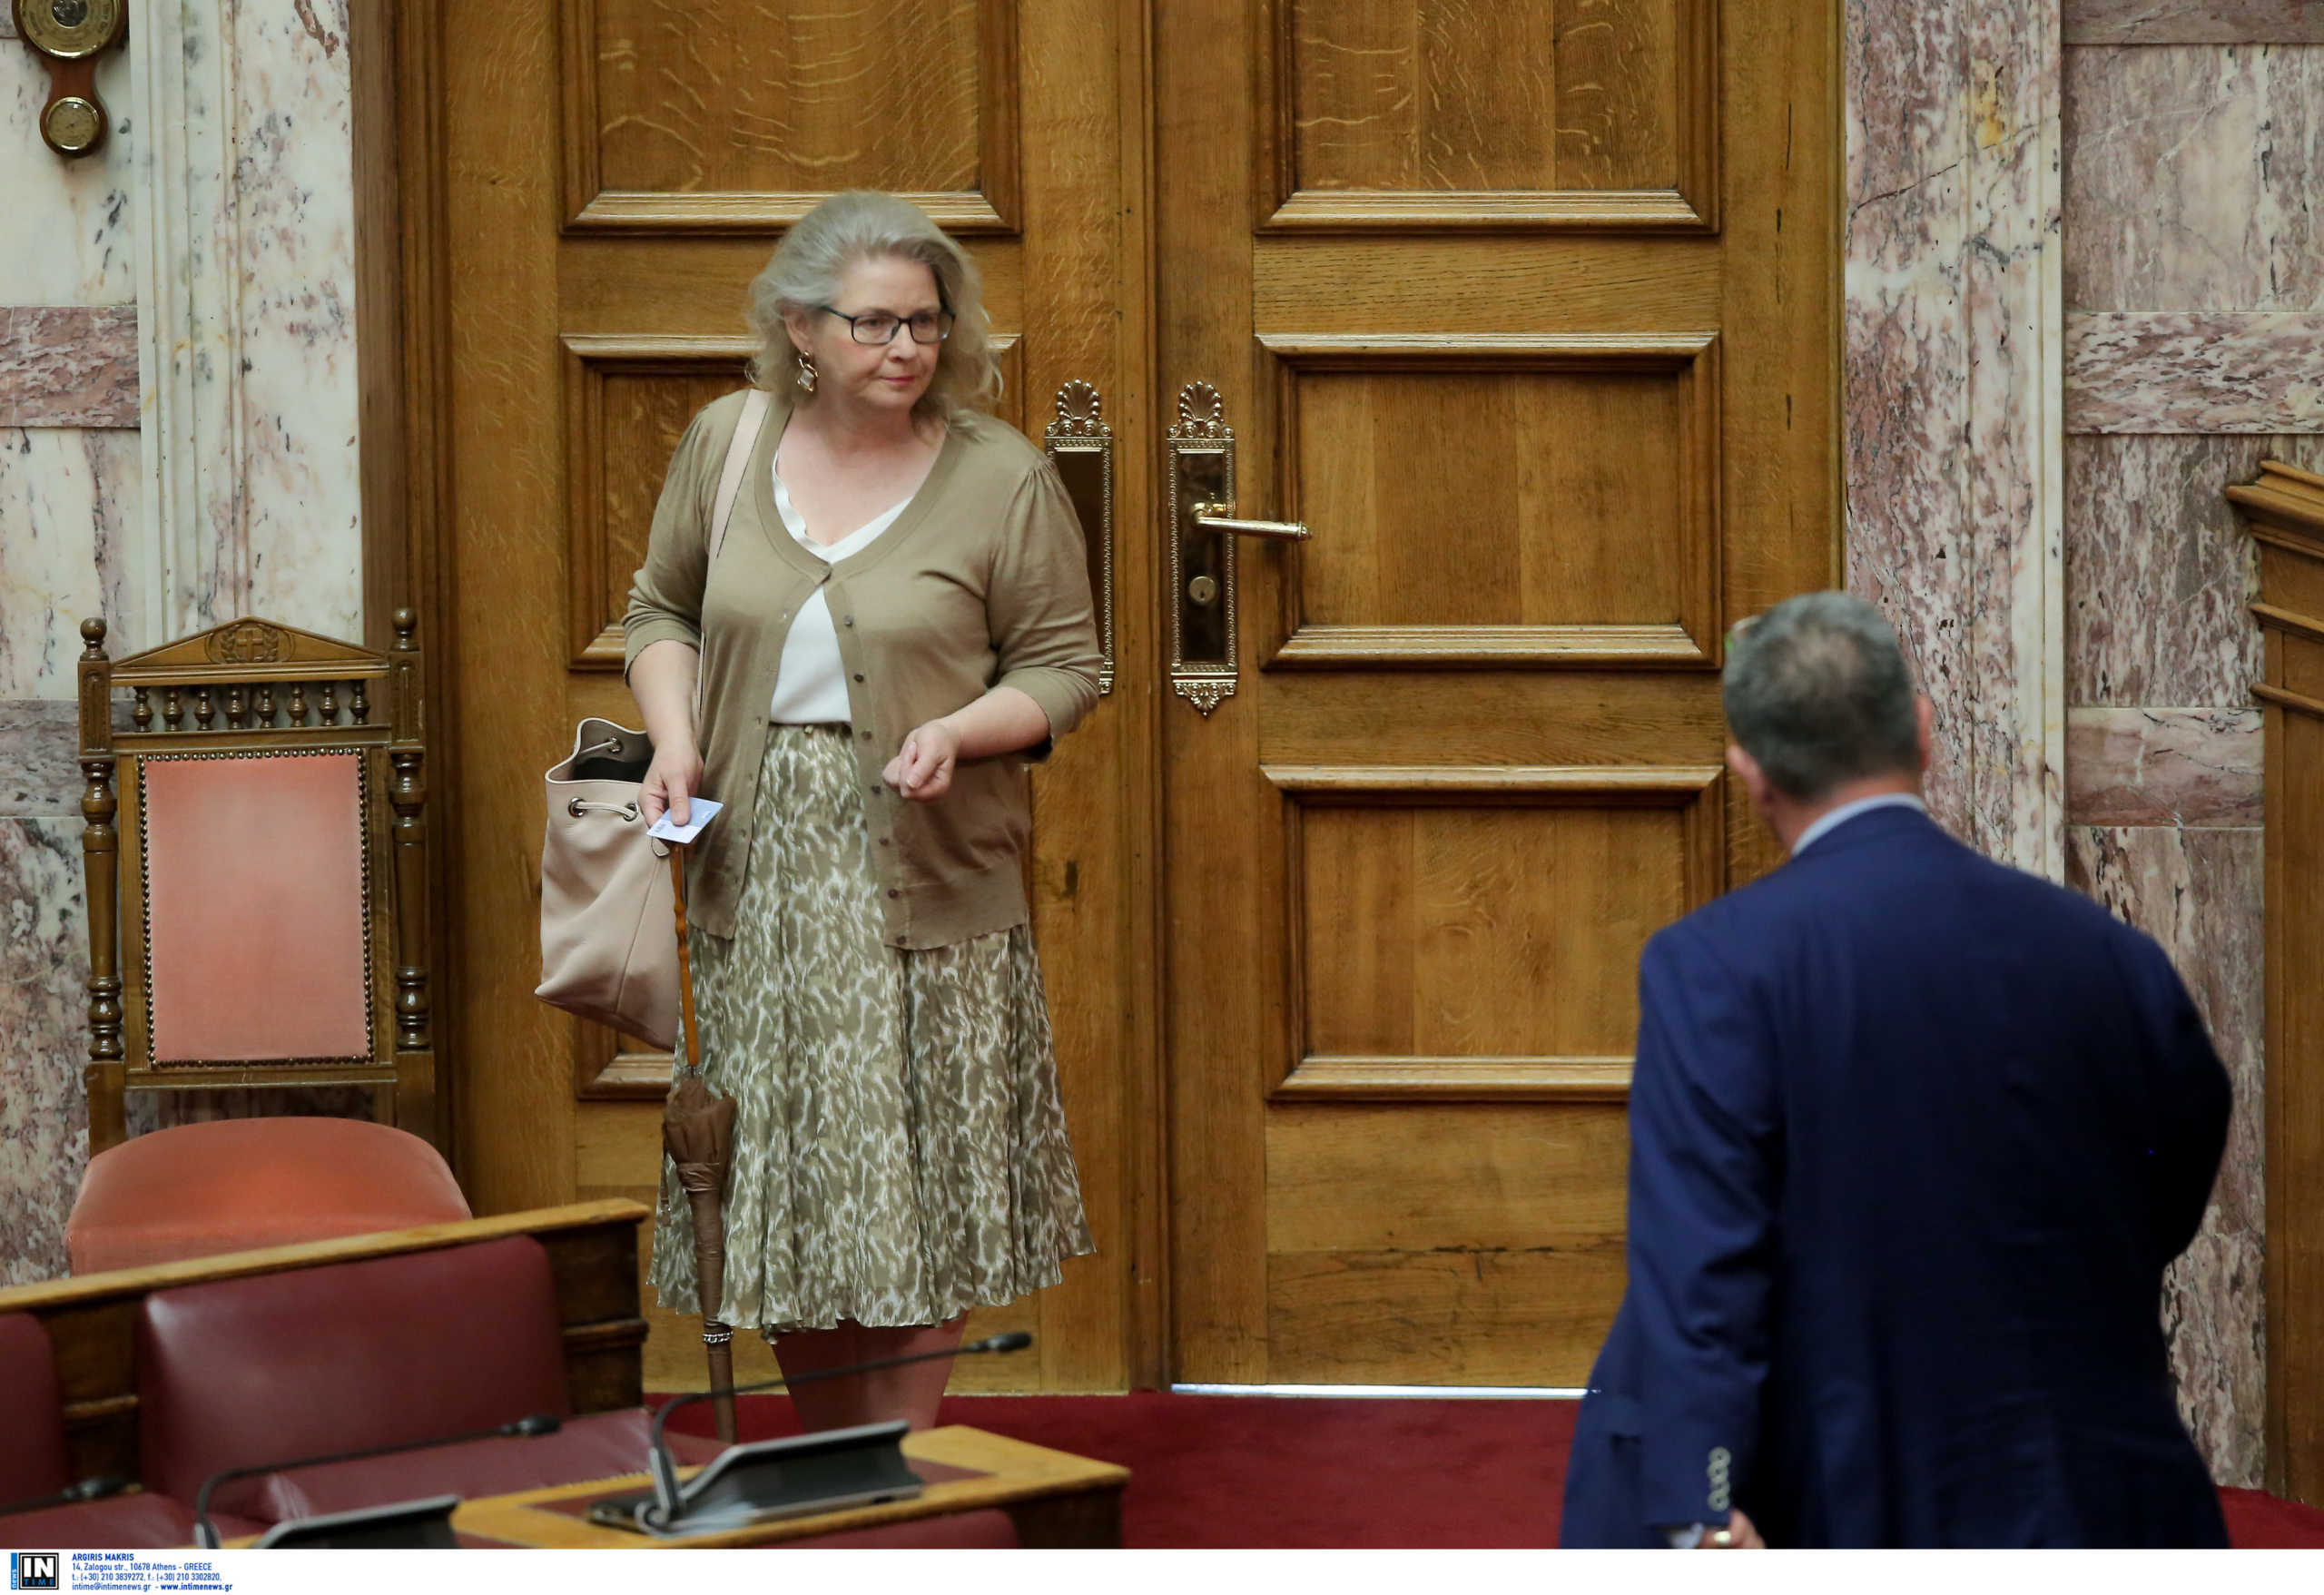 «Μπλόκο» στον διορισμό της Ζαρούλια στη Βουλή με παρέμβαση Μητσοτάκη